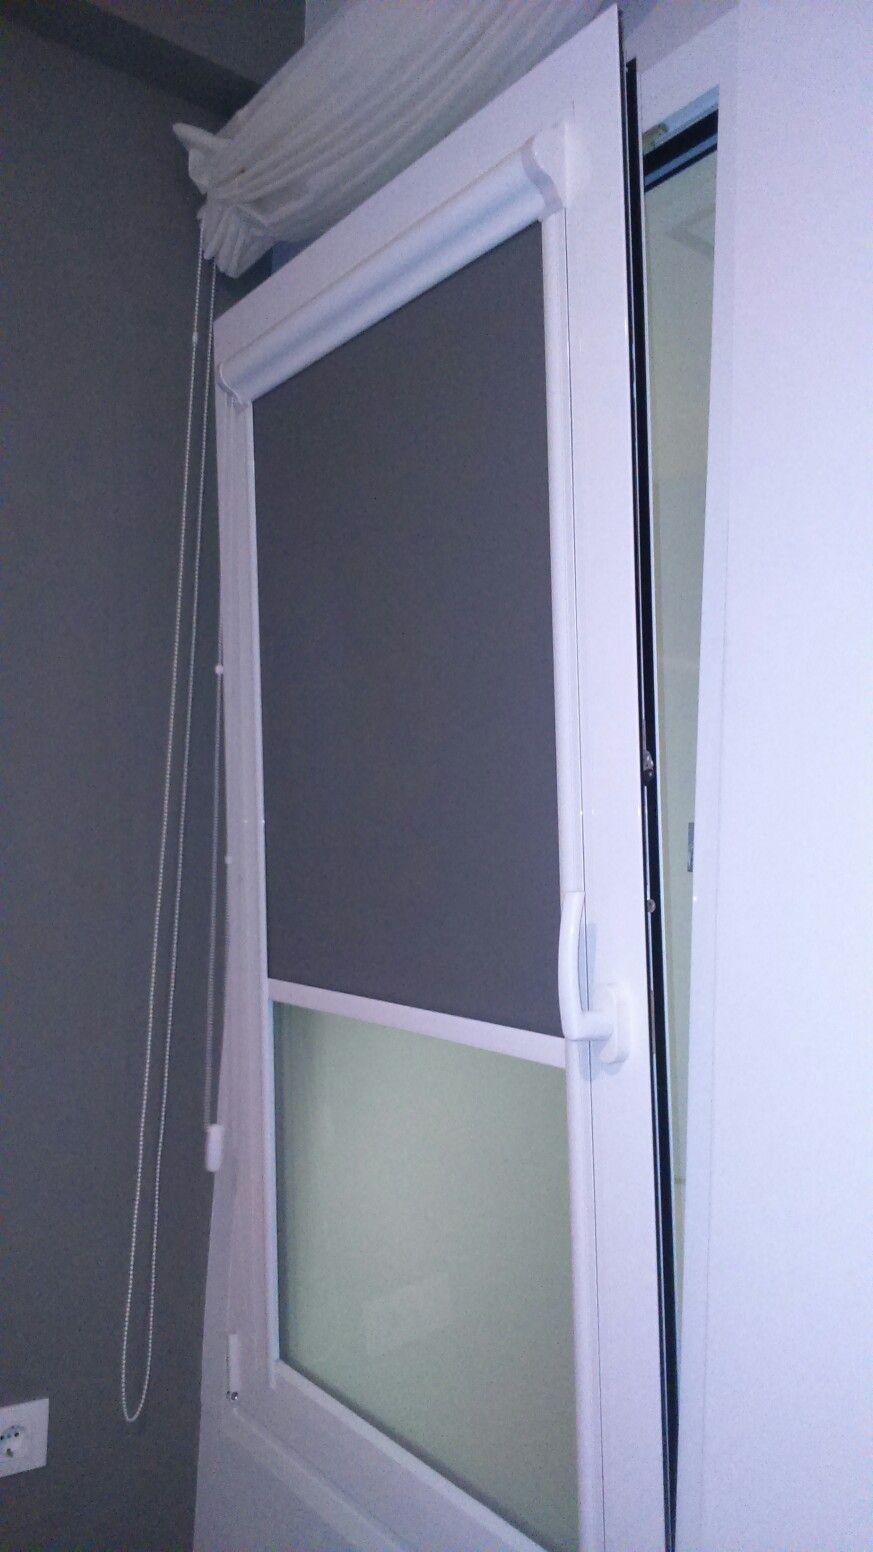 estor integrado en ventana oscilobatiente  MINIROLER en